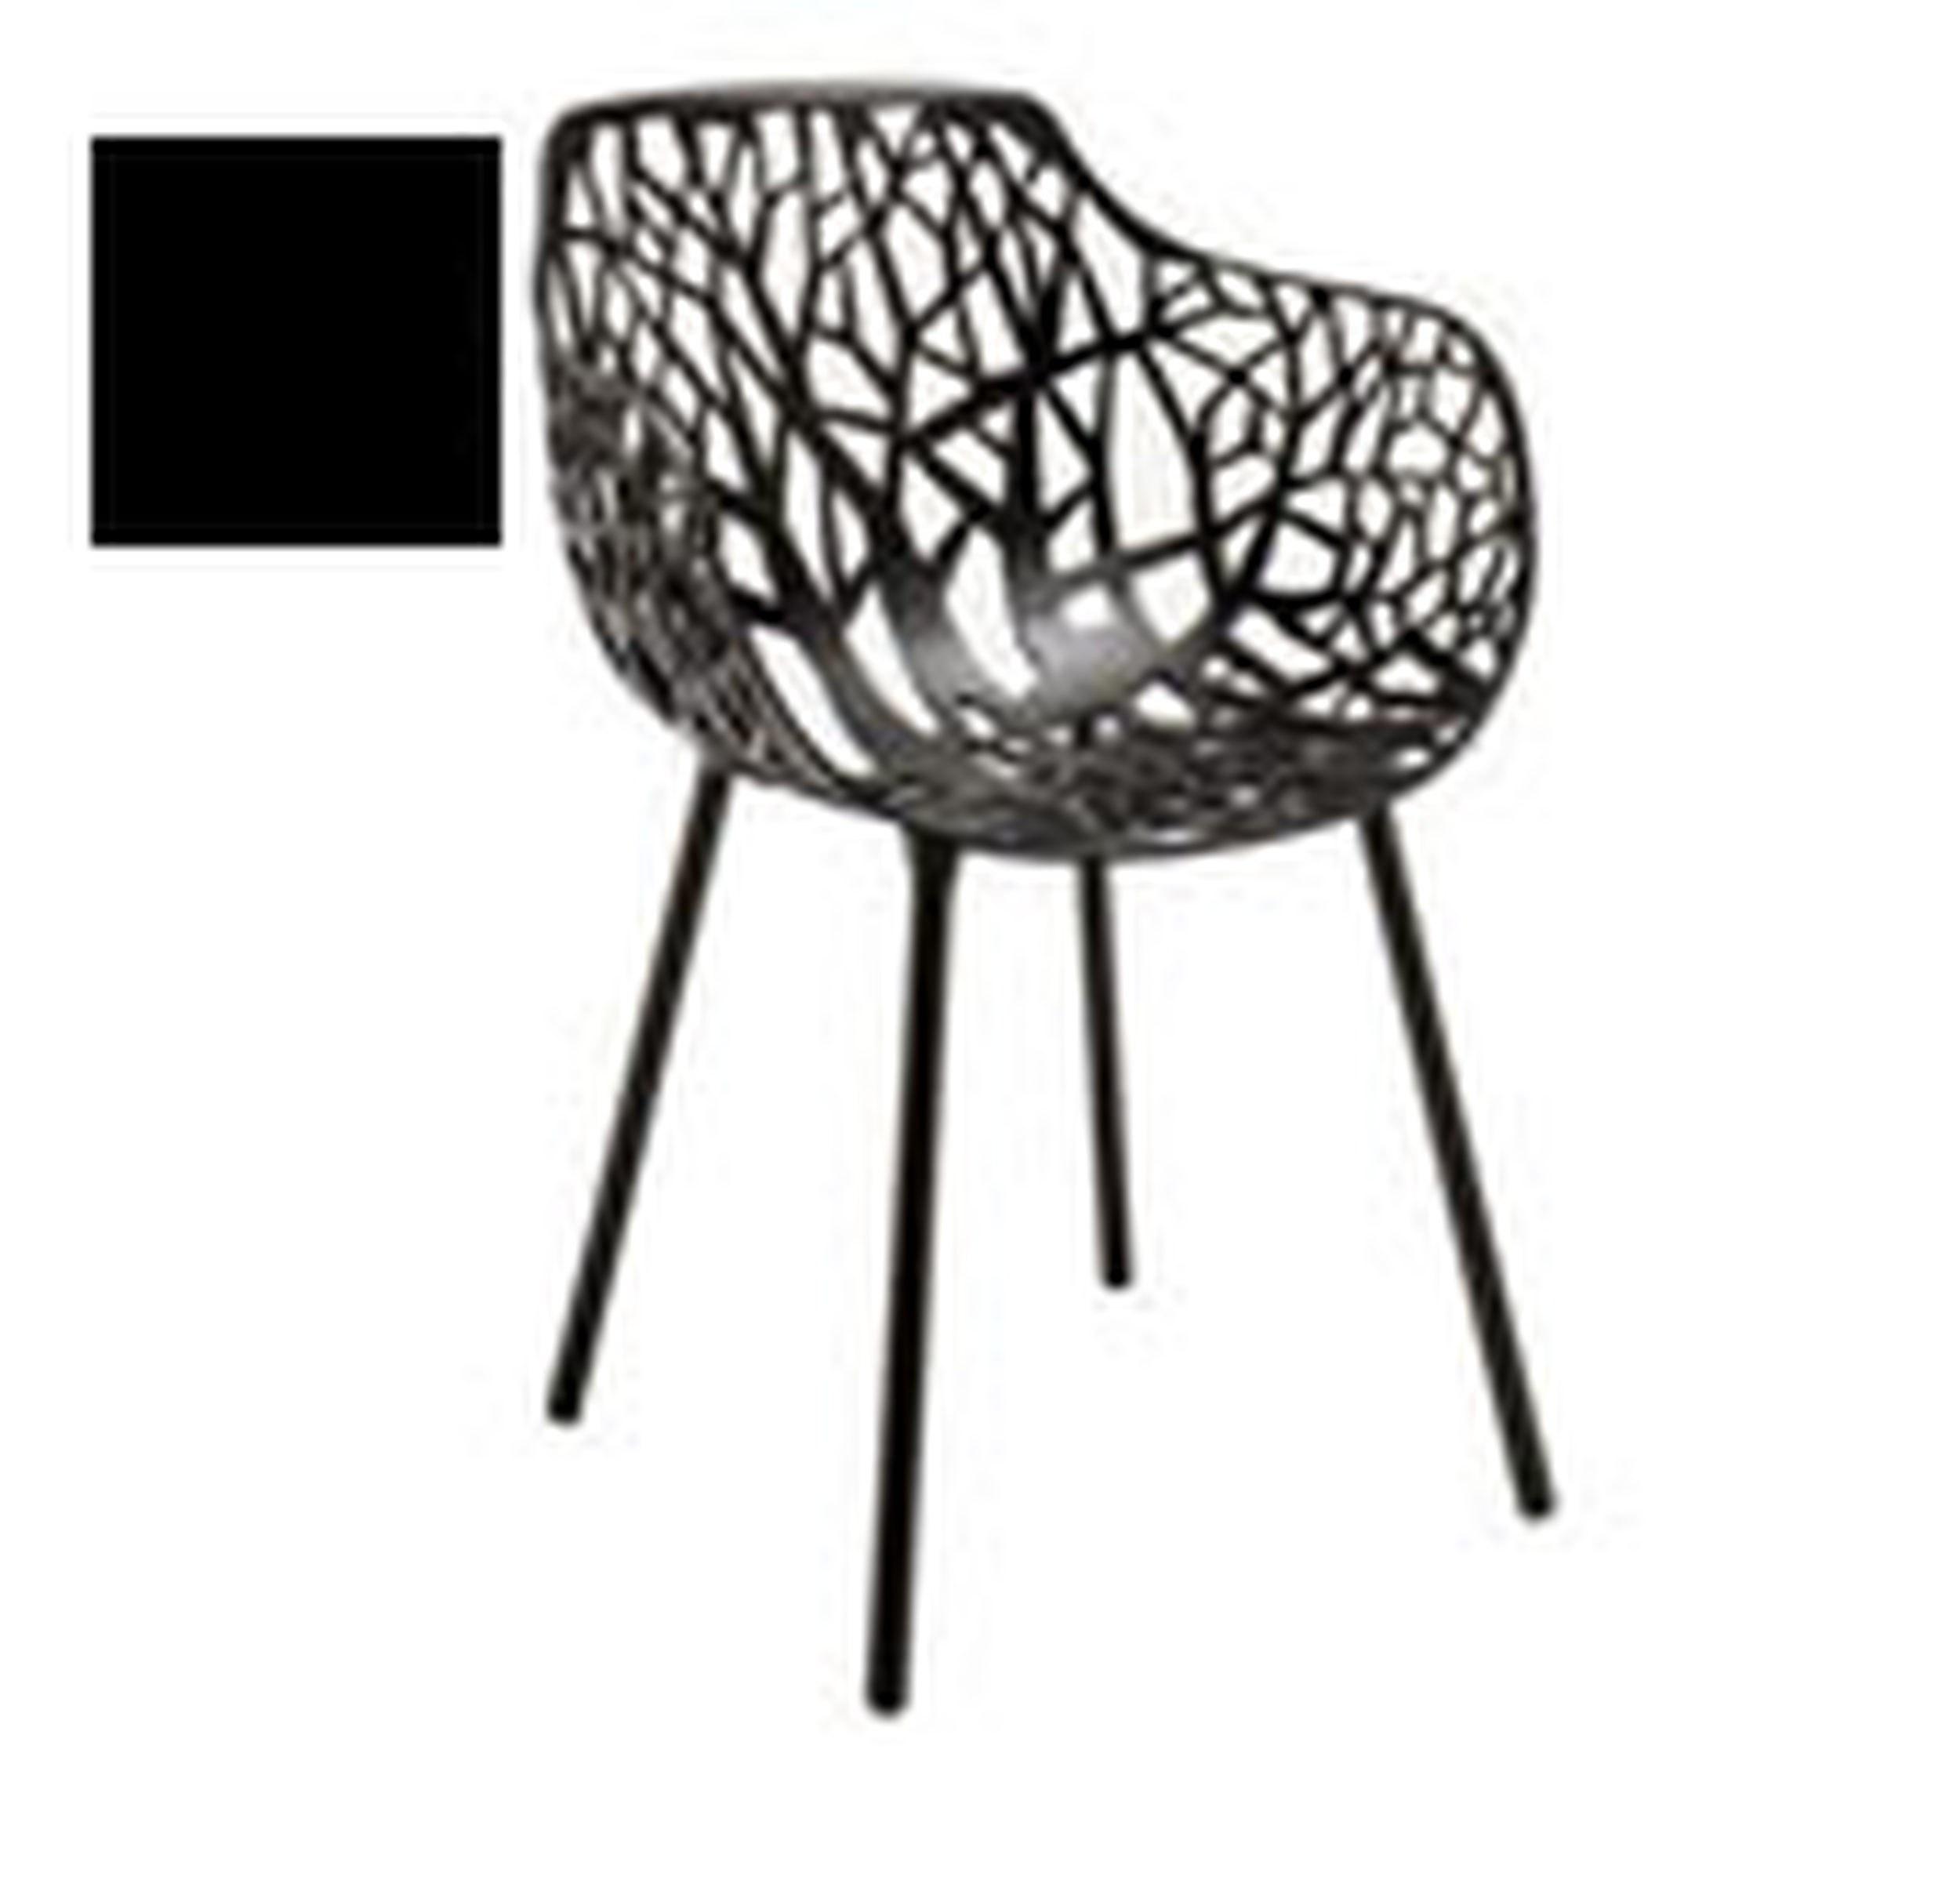 Krzesło Forest czarne - małe zdjęcie